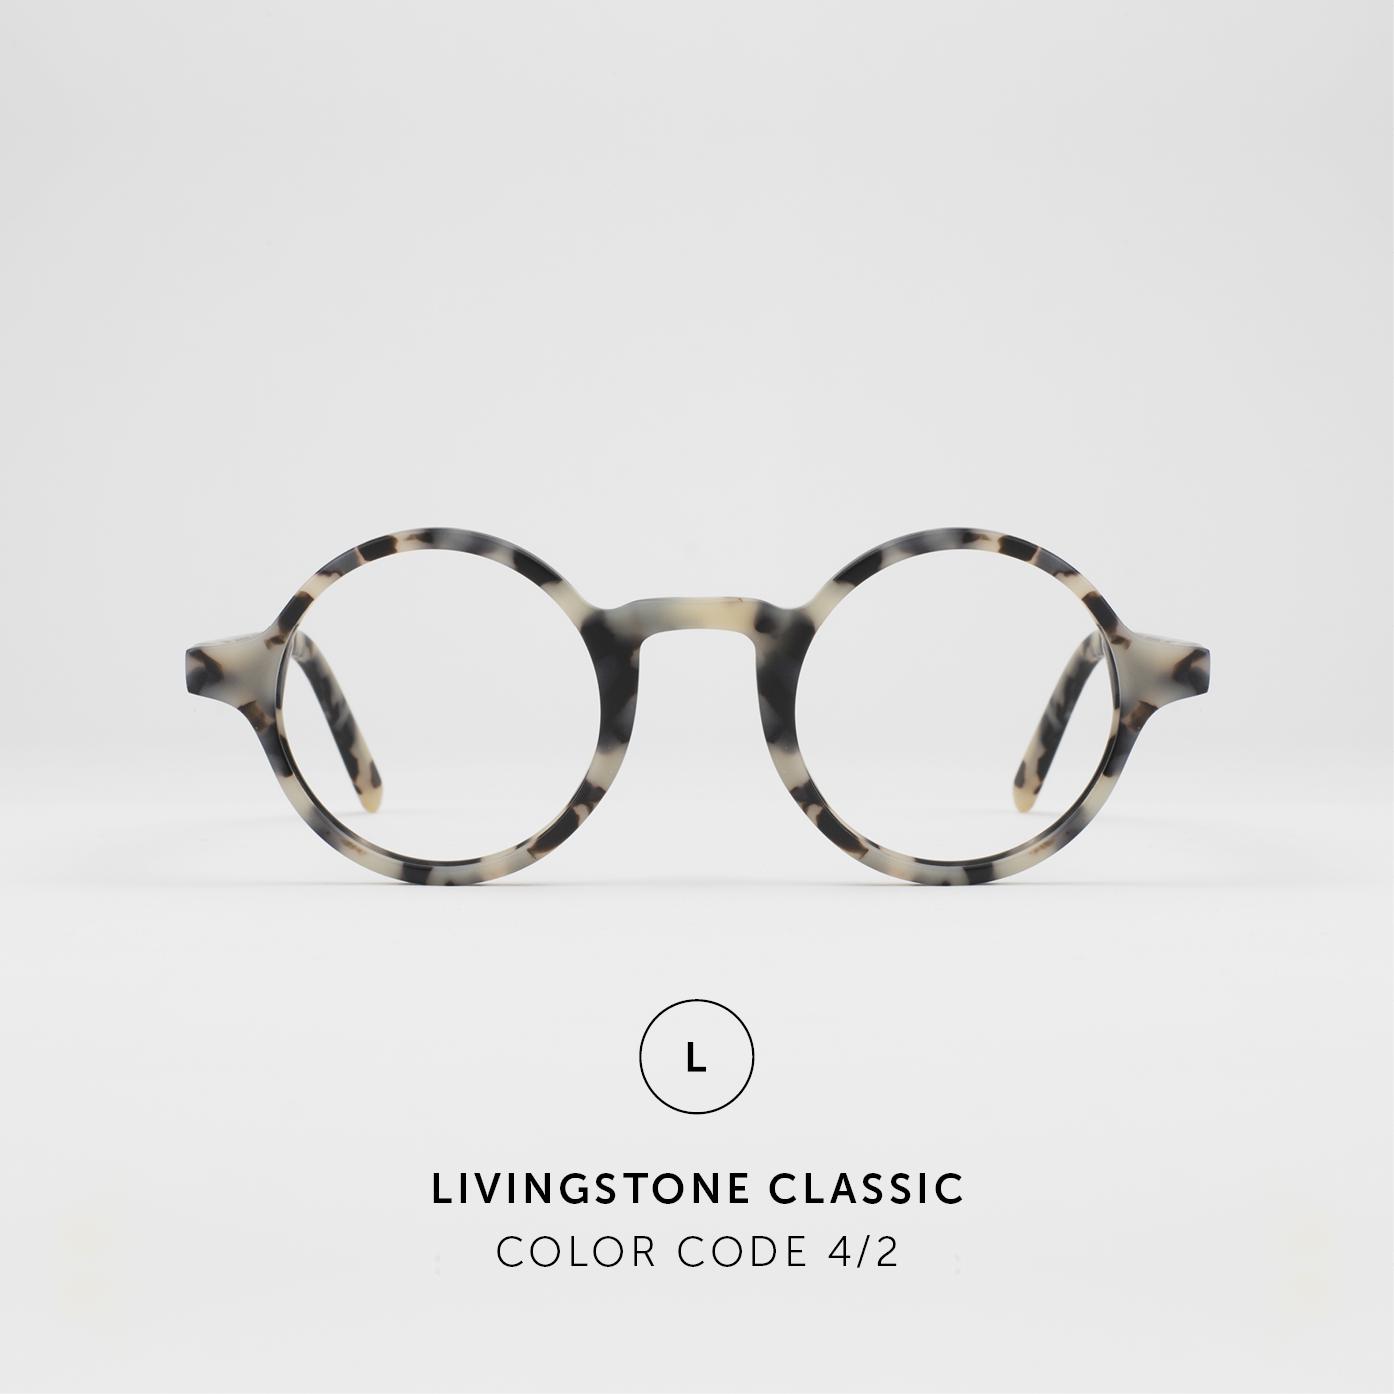 LivingstoneClassic25.jpg